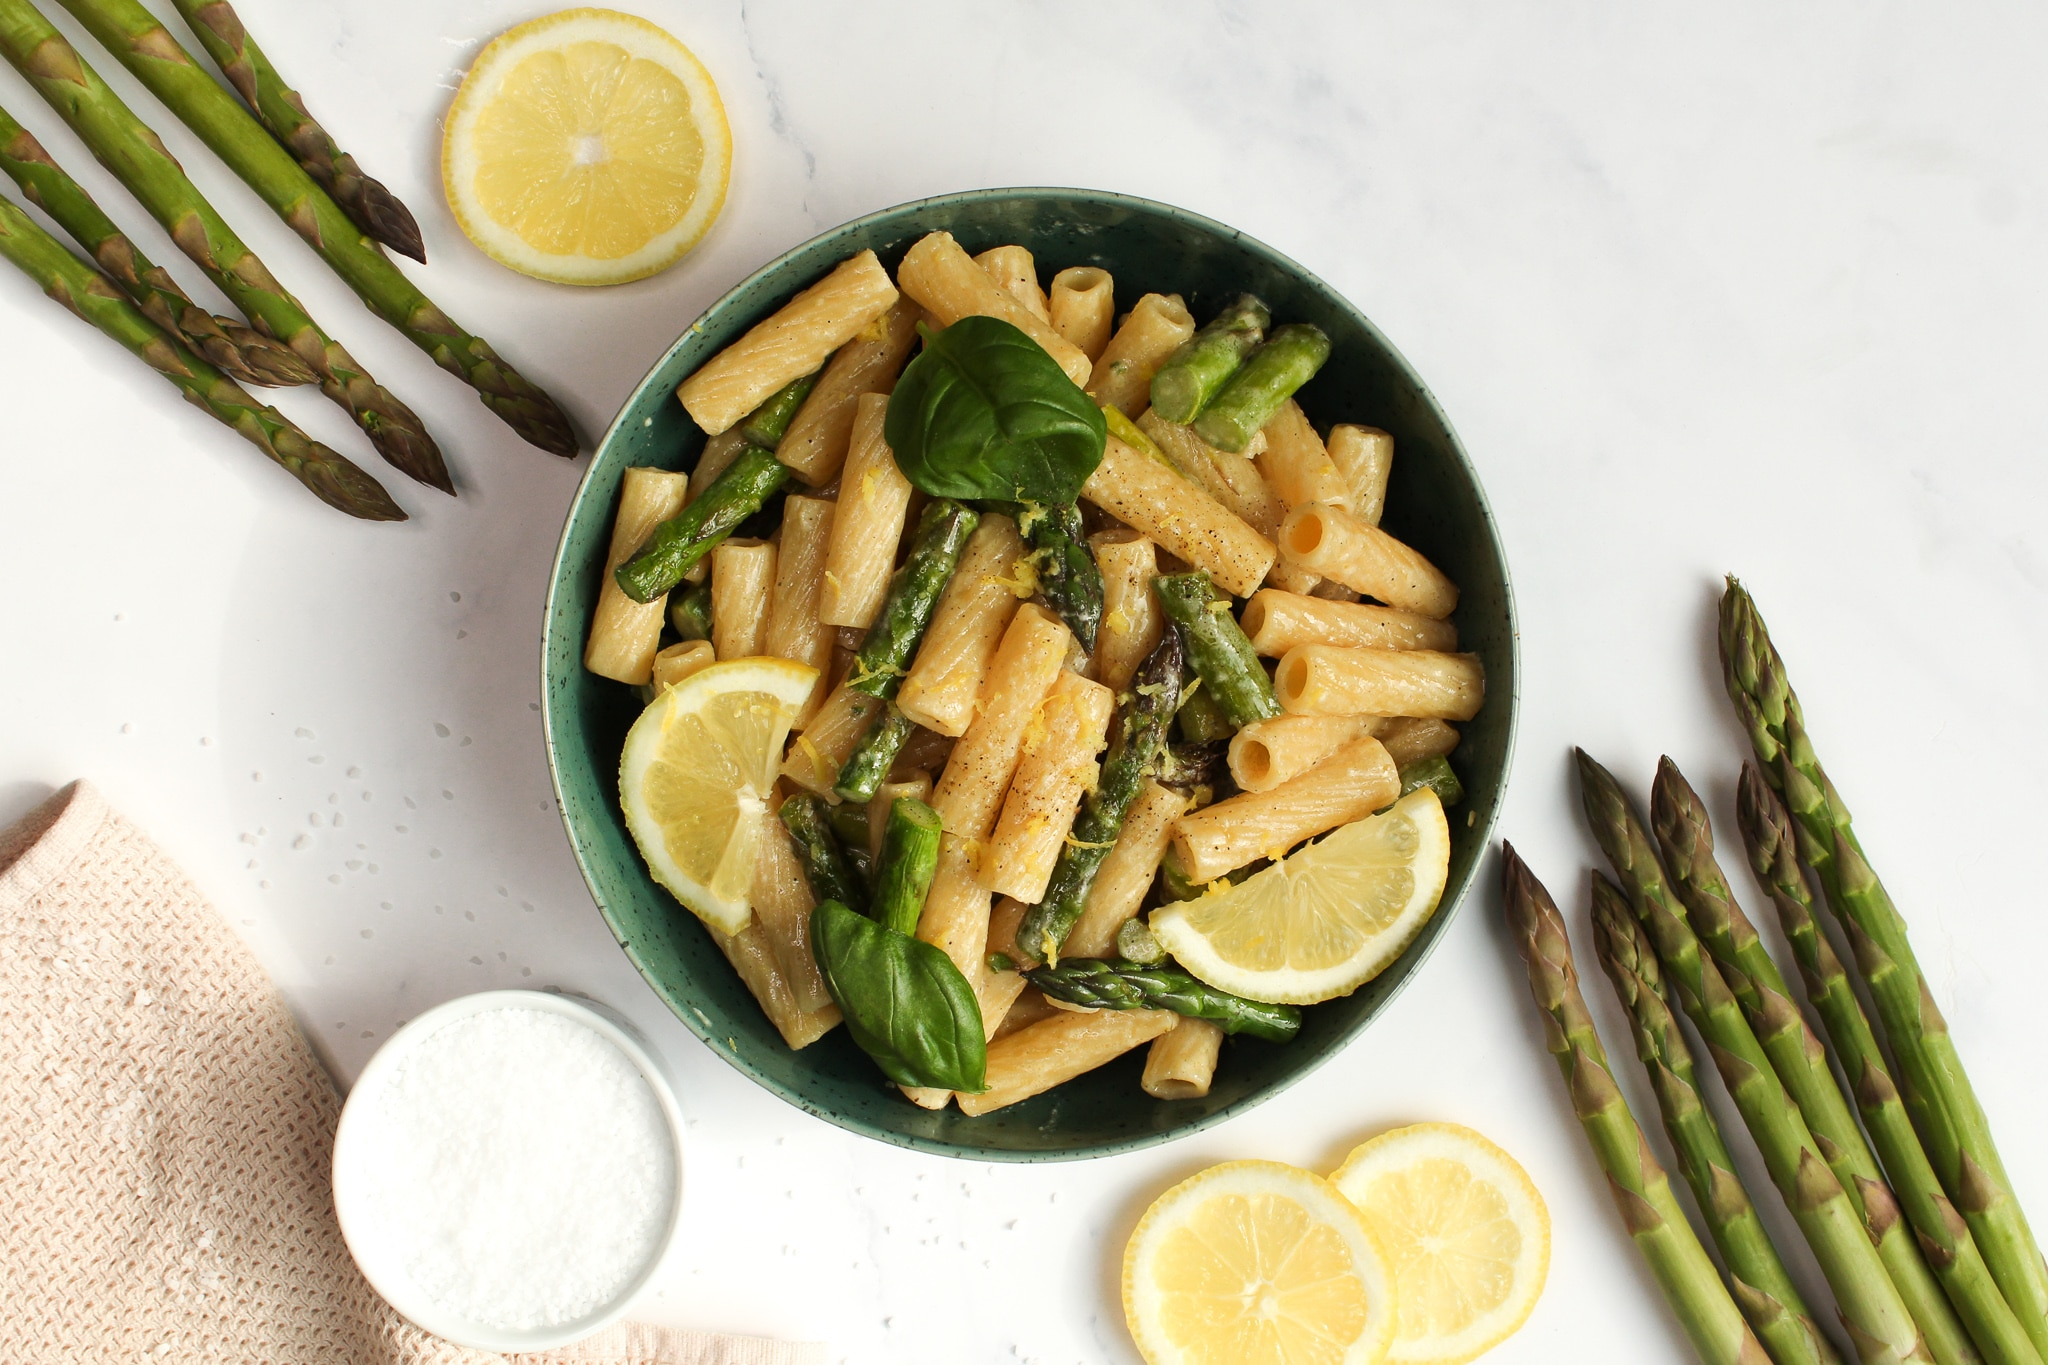 Grüner Spargel pasta mit zitrone und parmesan